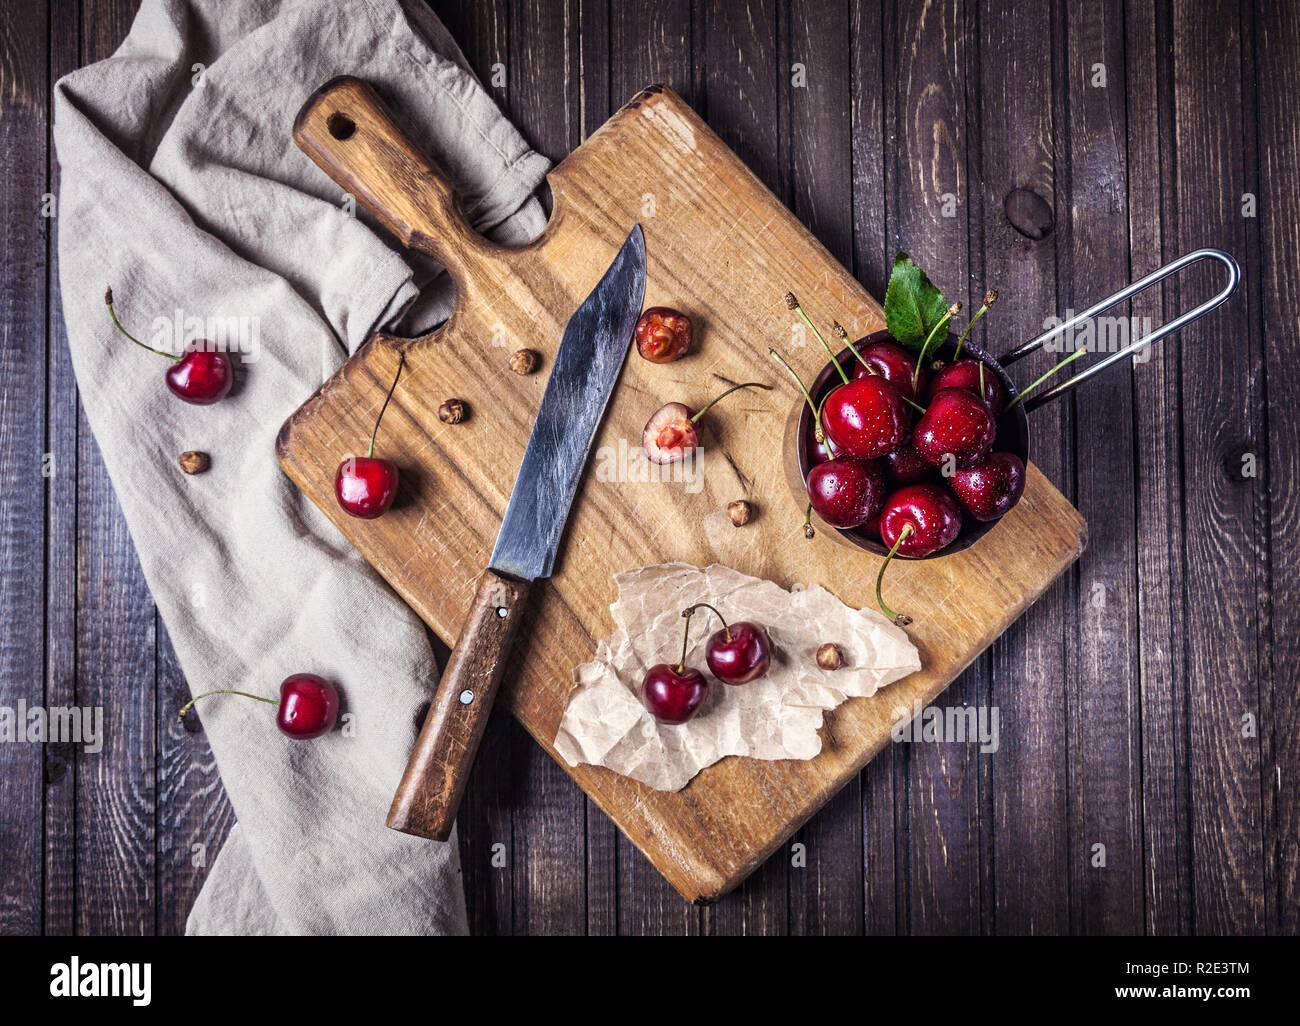 La ciliegia sulla scheda di taglio con il coltello sul tavolo di legno in cucina Immagini Stock